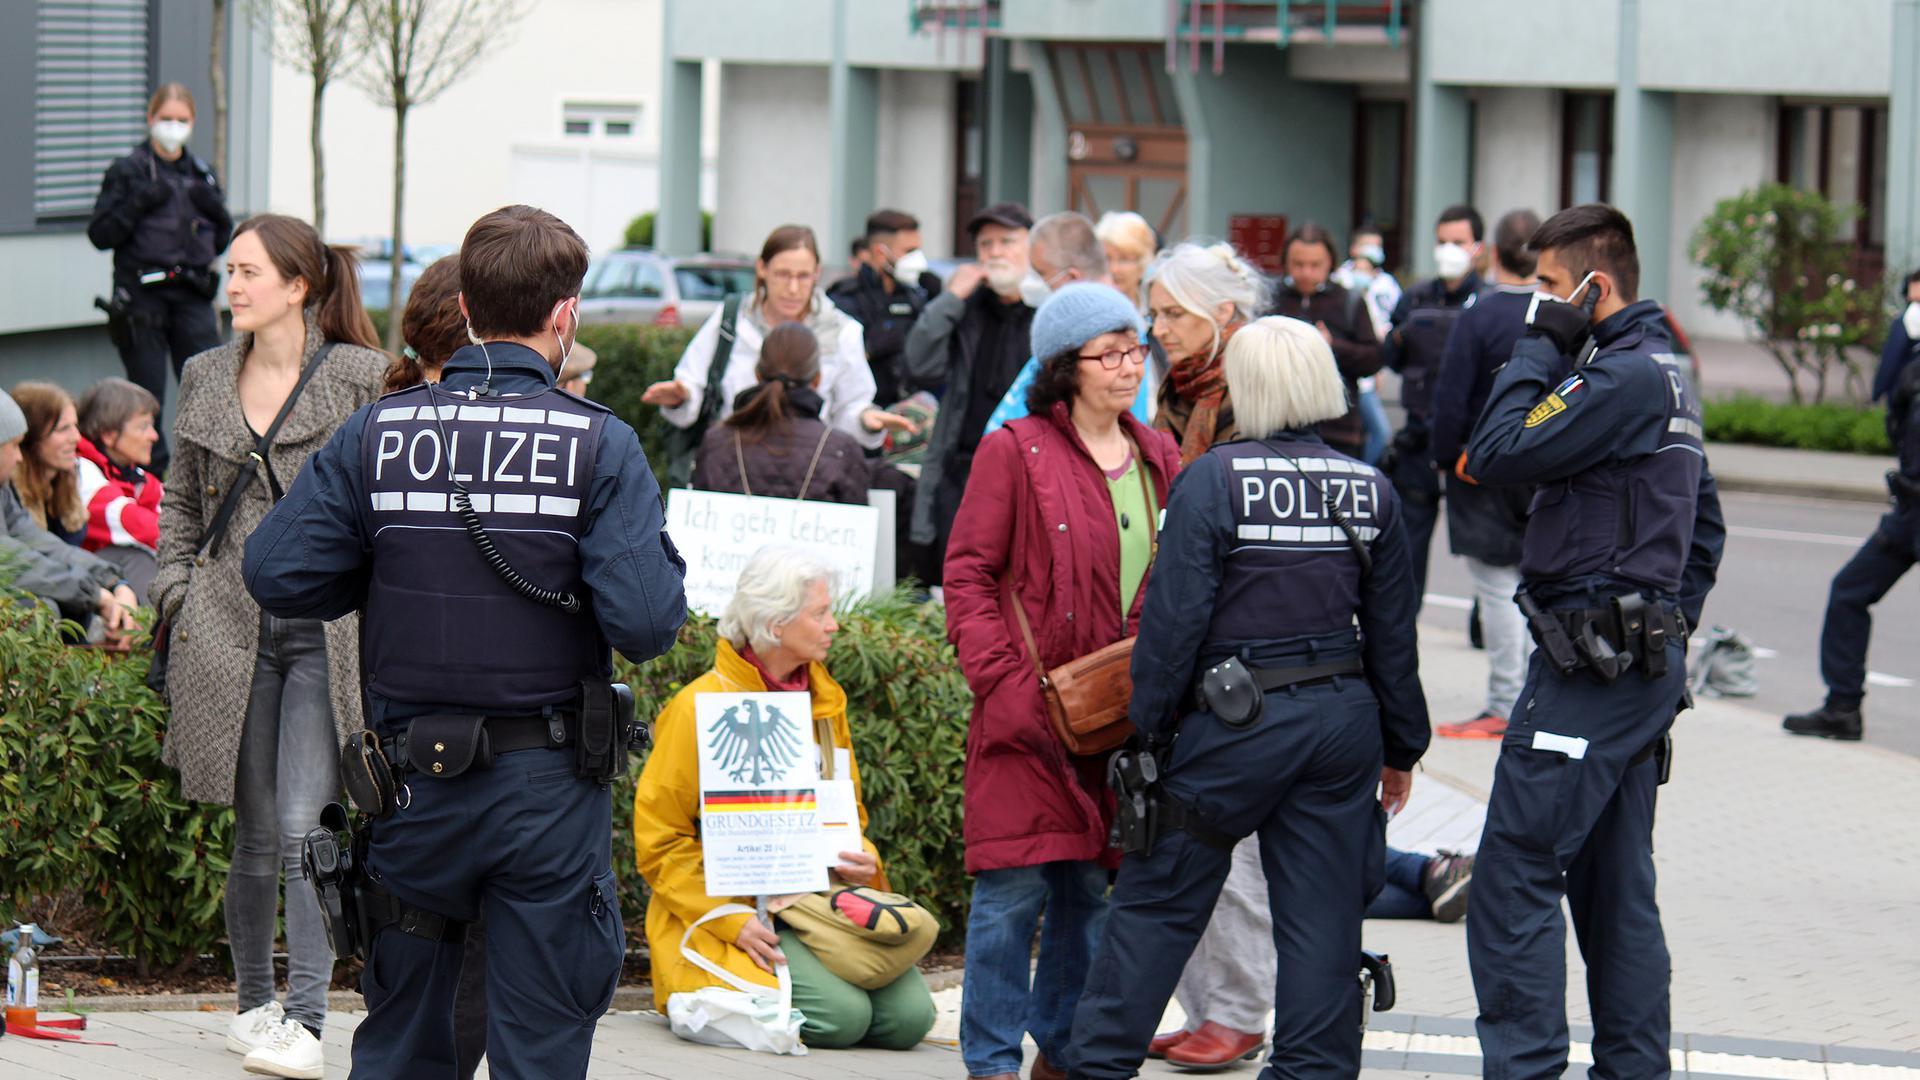 Polizei und Demonstranten